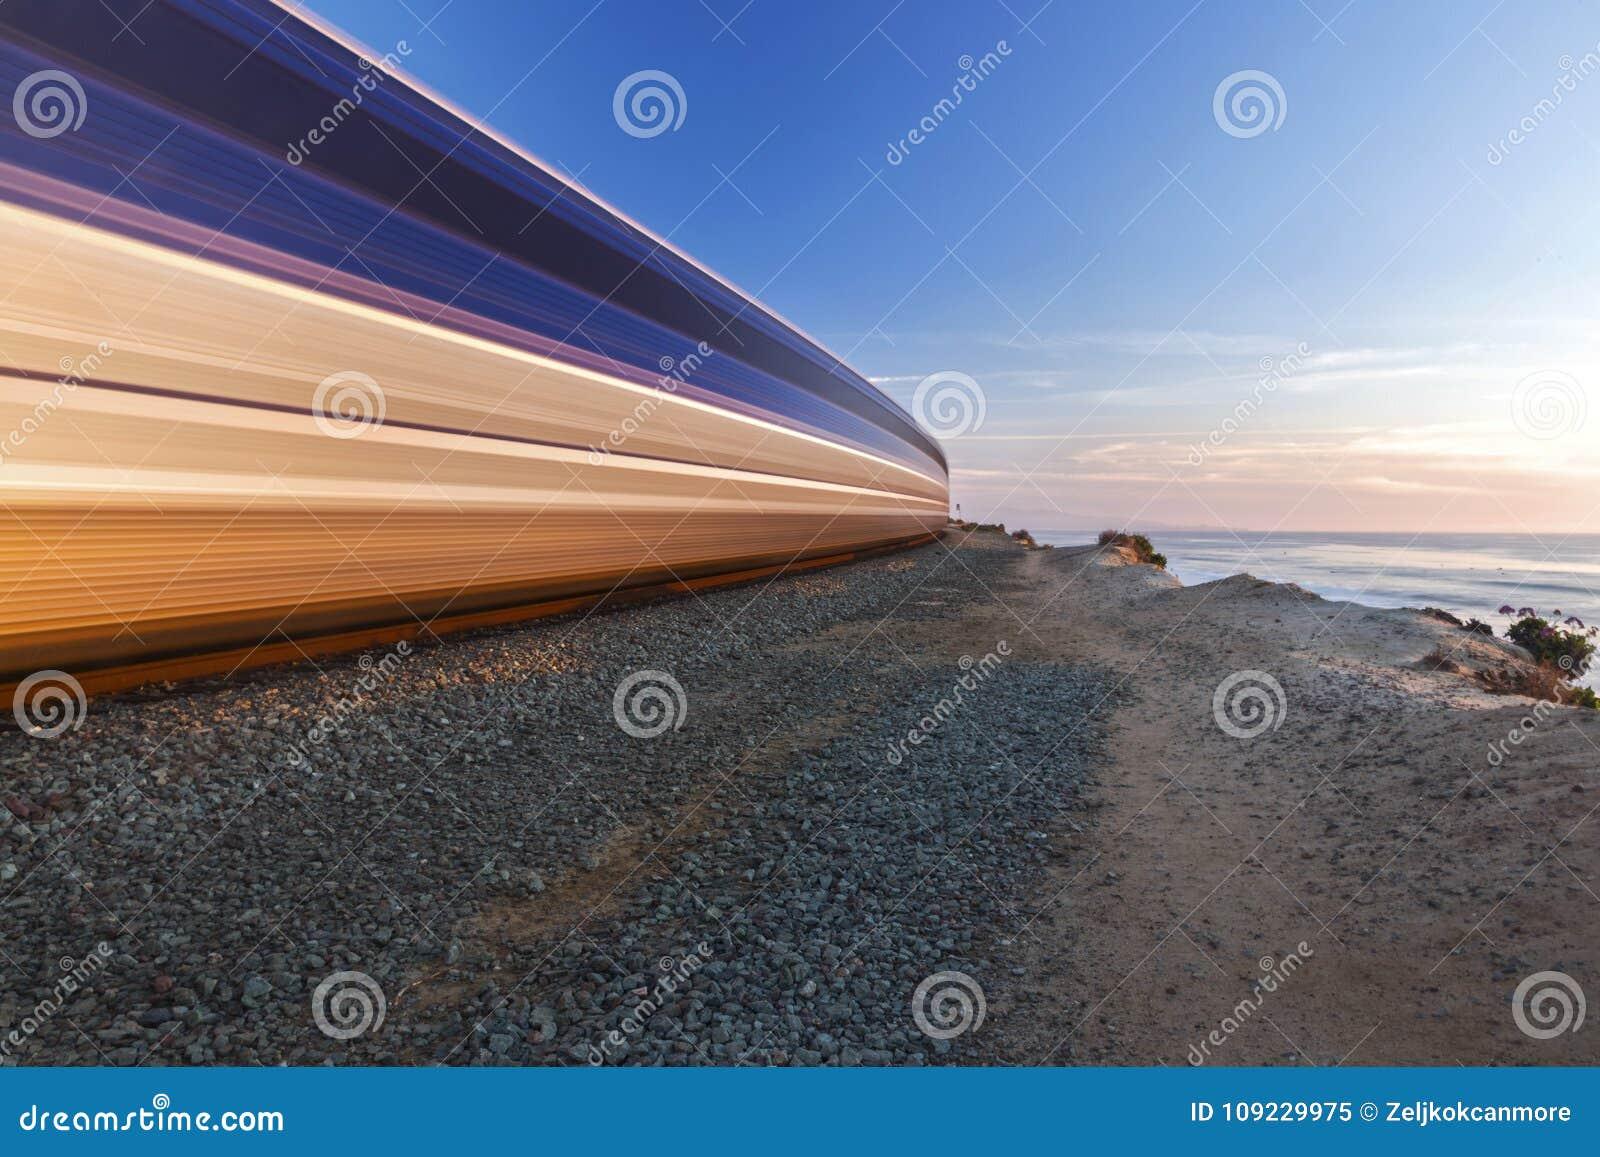 Kabotażowiec kolejki Wysokości Przyśpieszający Del Mącący Sunący San Diego okręg administracyjny